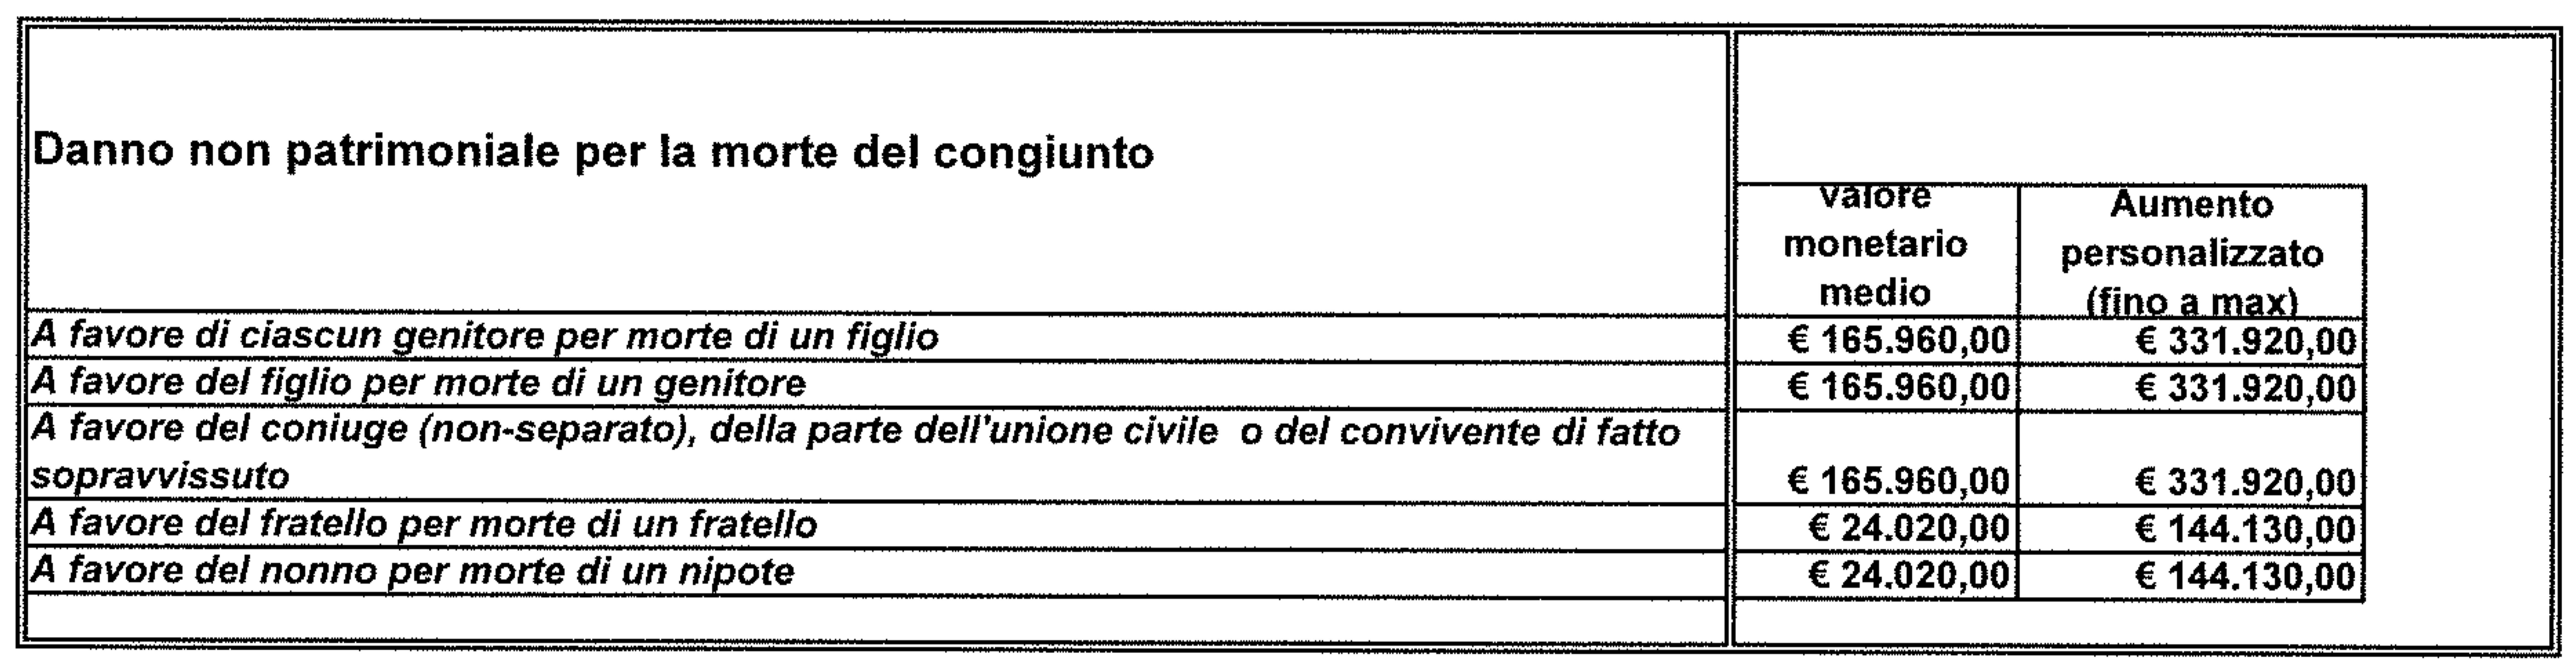 Tabella Milano danno non patrimoniale per la morte del congiunto